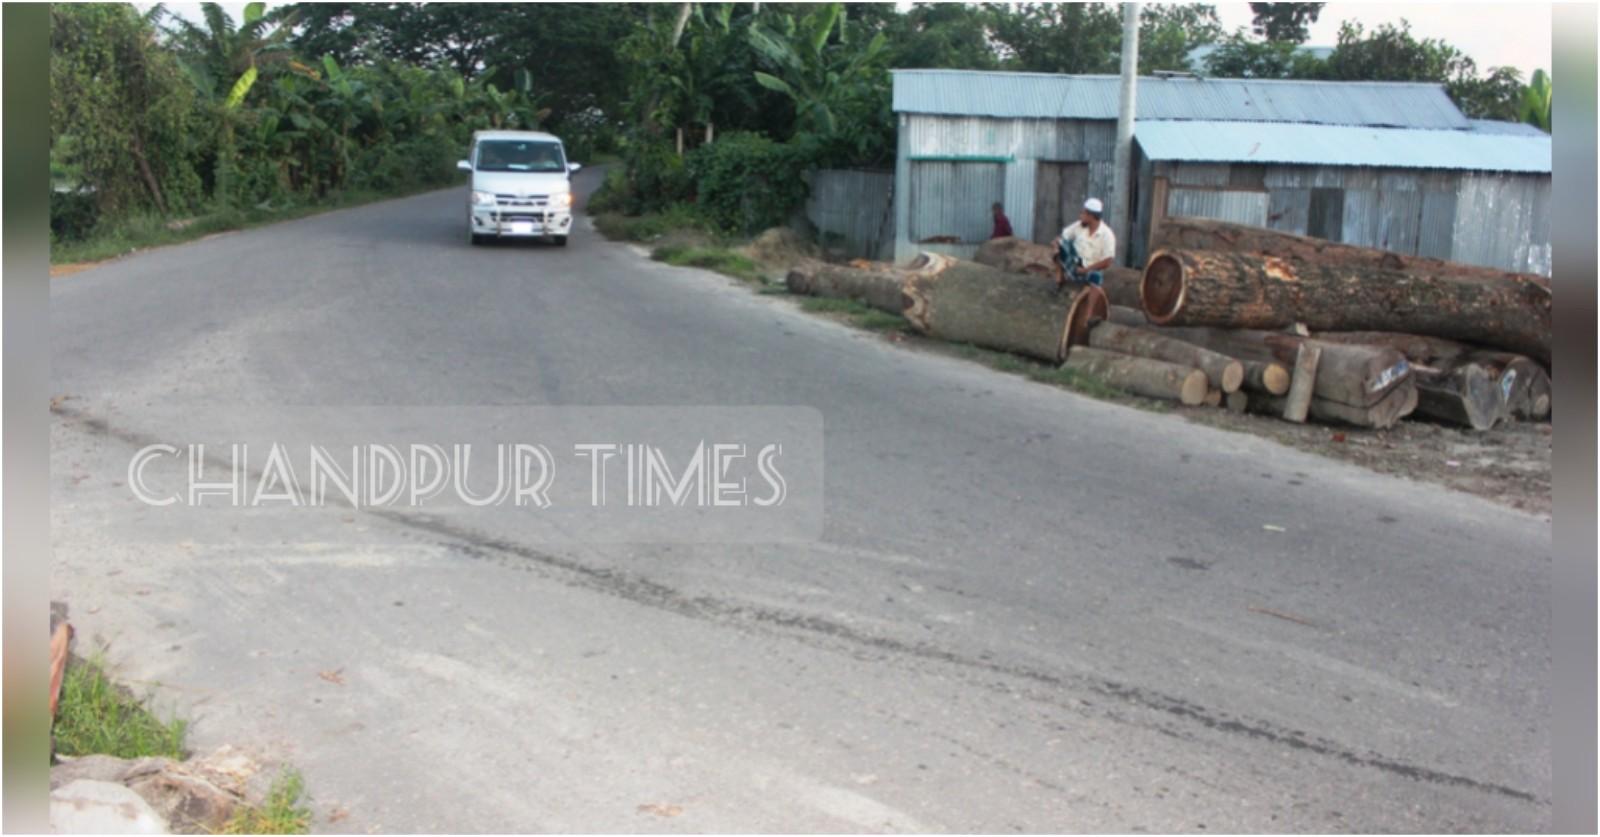 কুমিল্লা-চাঁদপুর আঞ্চলিক, কুমিল্লা-চাঁদপুর আঞ্চলিক